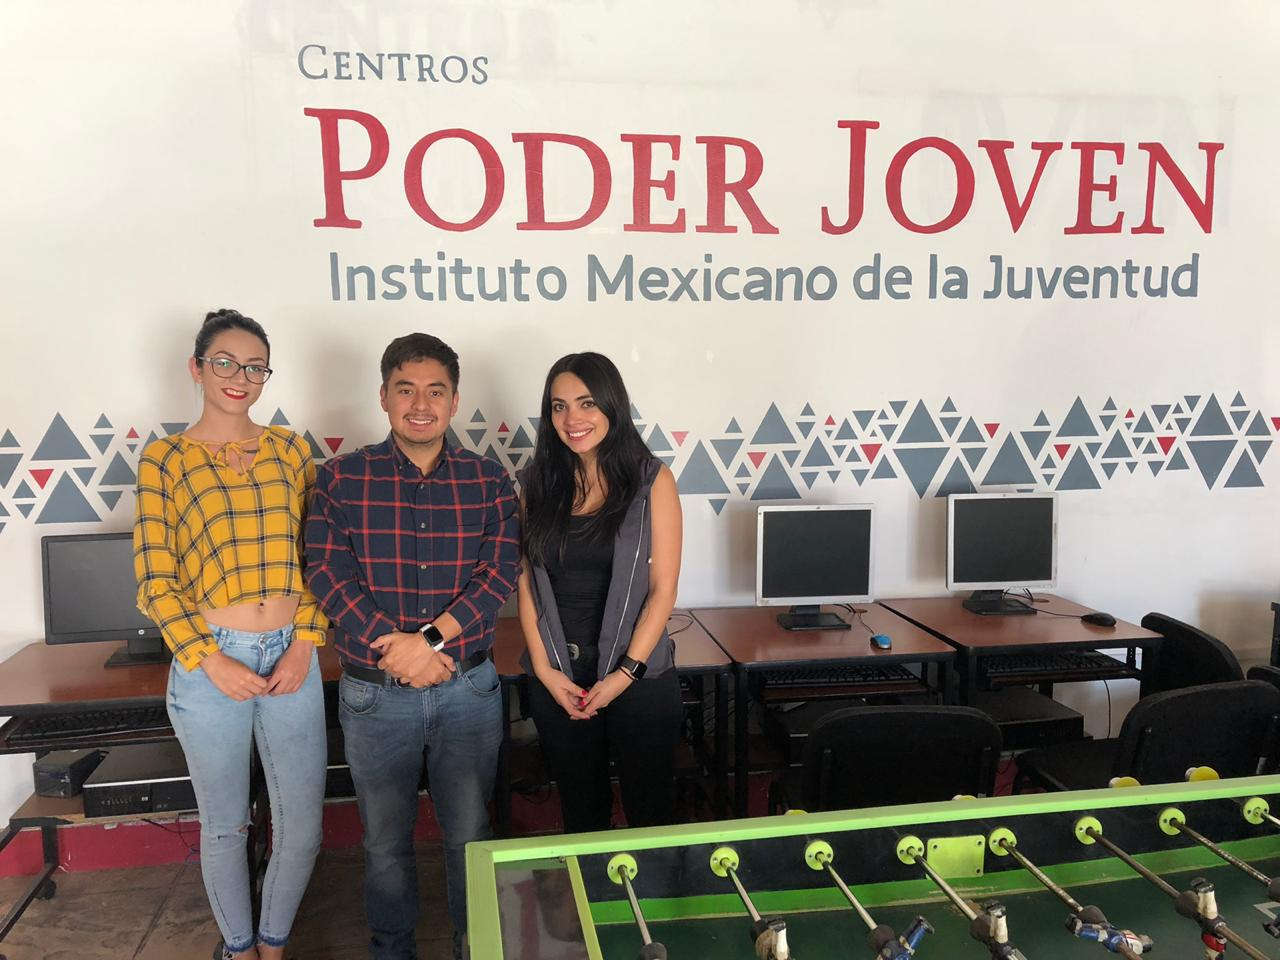 Fotografía al director de Instituto Mexicano de la Juventud Guillermo Santiago junto a dos jóvenes mujeres dentro de un aula de un centro Territorio joven en el estado de Jalisco.